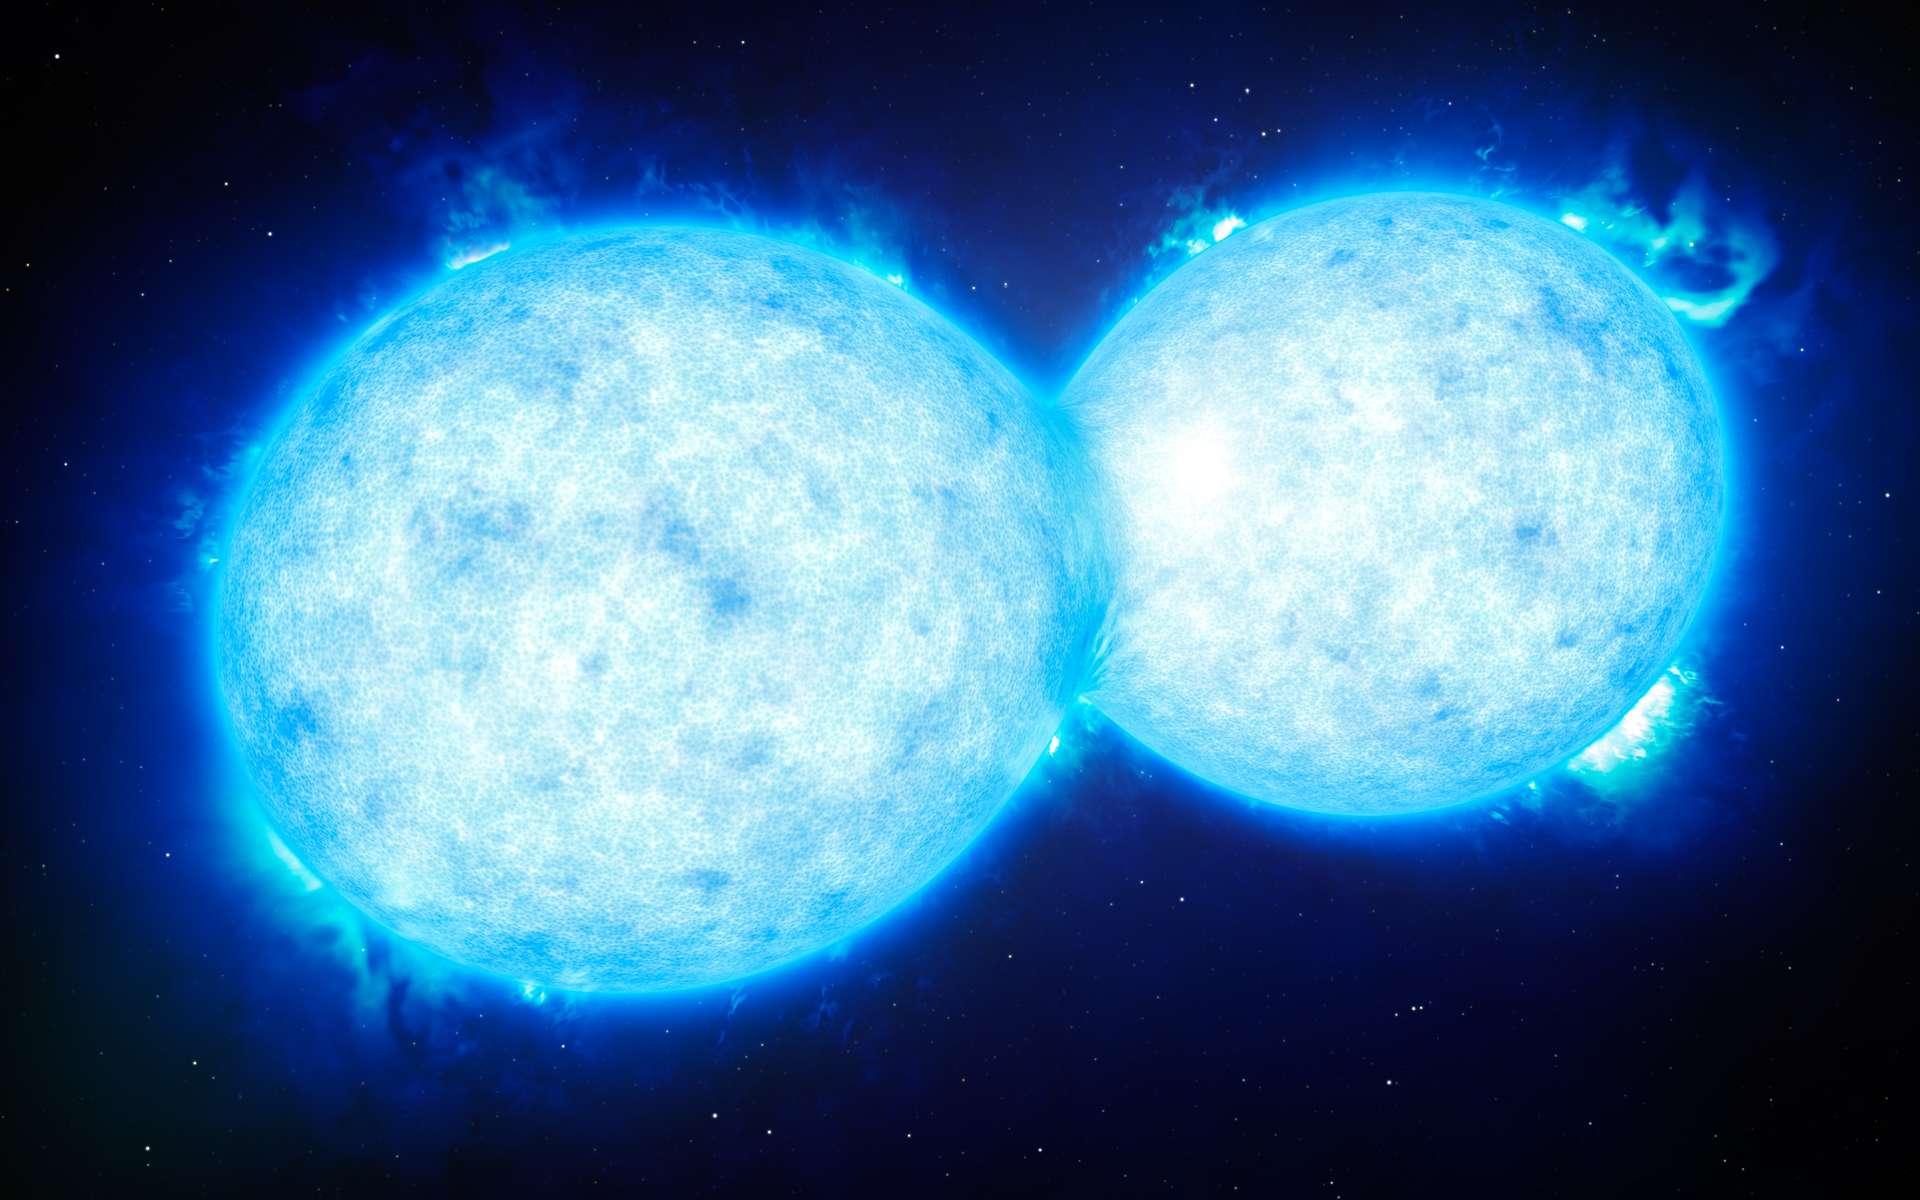 Illustration de VFTS 532, le système d'étoiles doubles le plus chaud et le plus massif connu à ce jour. La binaire de contact KIC 9832227, proche du baiser ultime, doit certainement avoir cette apparence de cacahuète. © ESO, L. Calçada